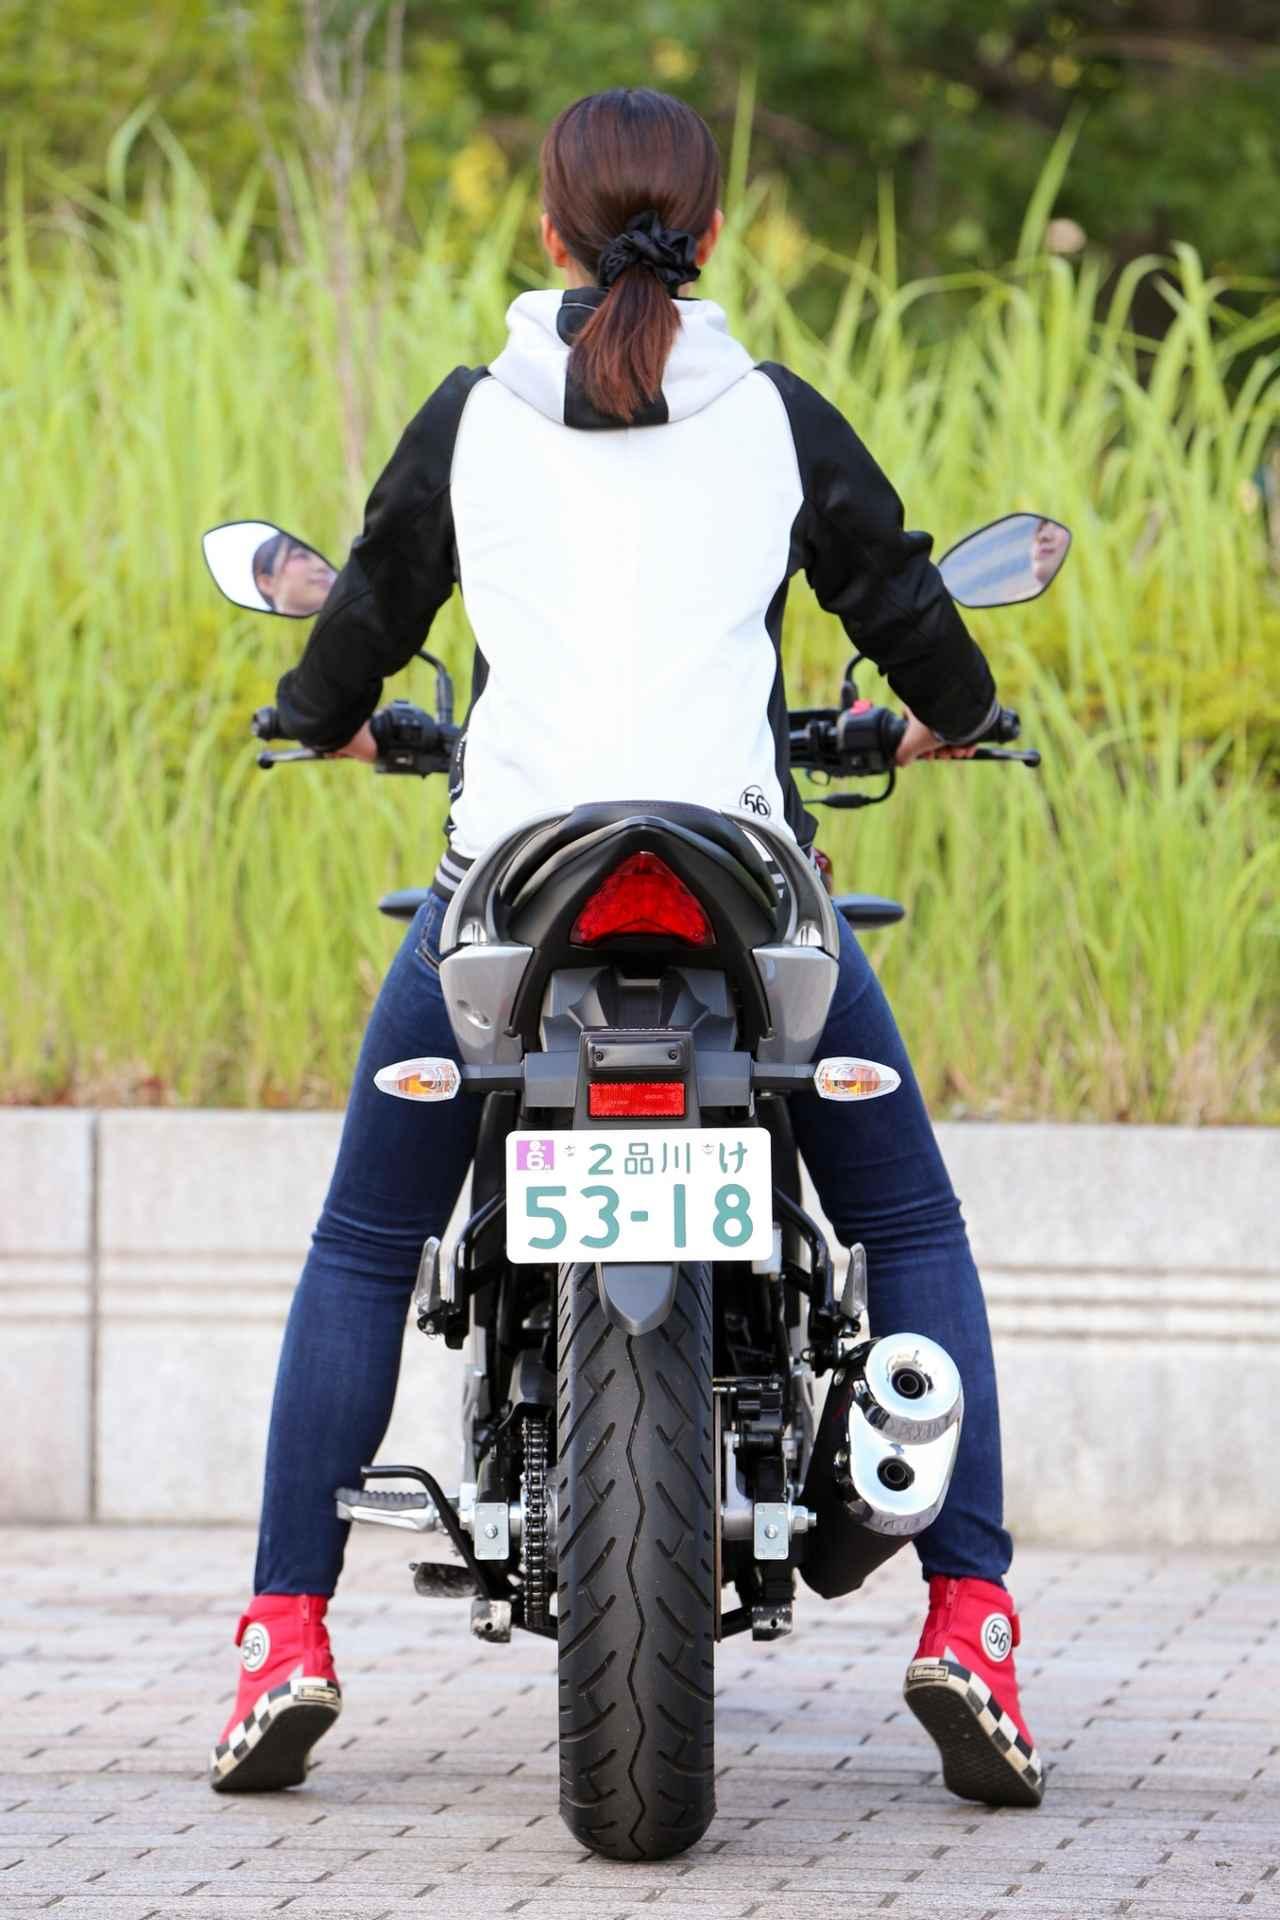 画像3: 「150ccとは思えない!かっこいい!」。 それがジクサーに乗って一番感じた事でした。